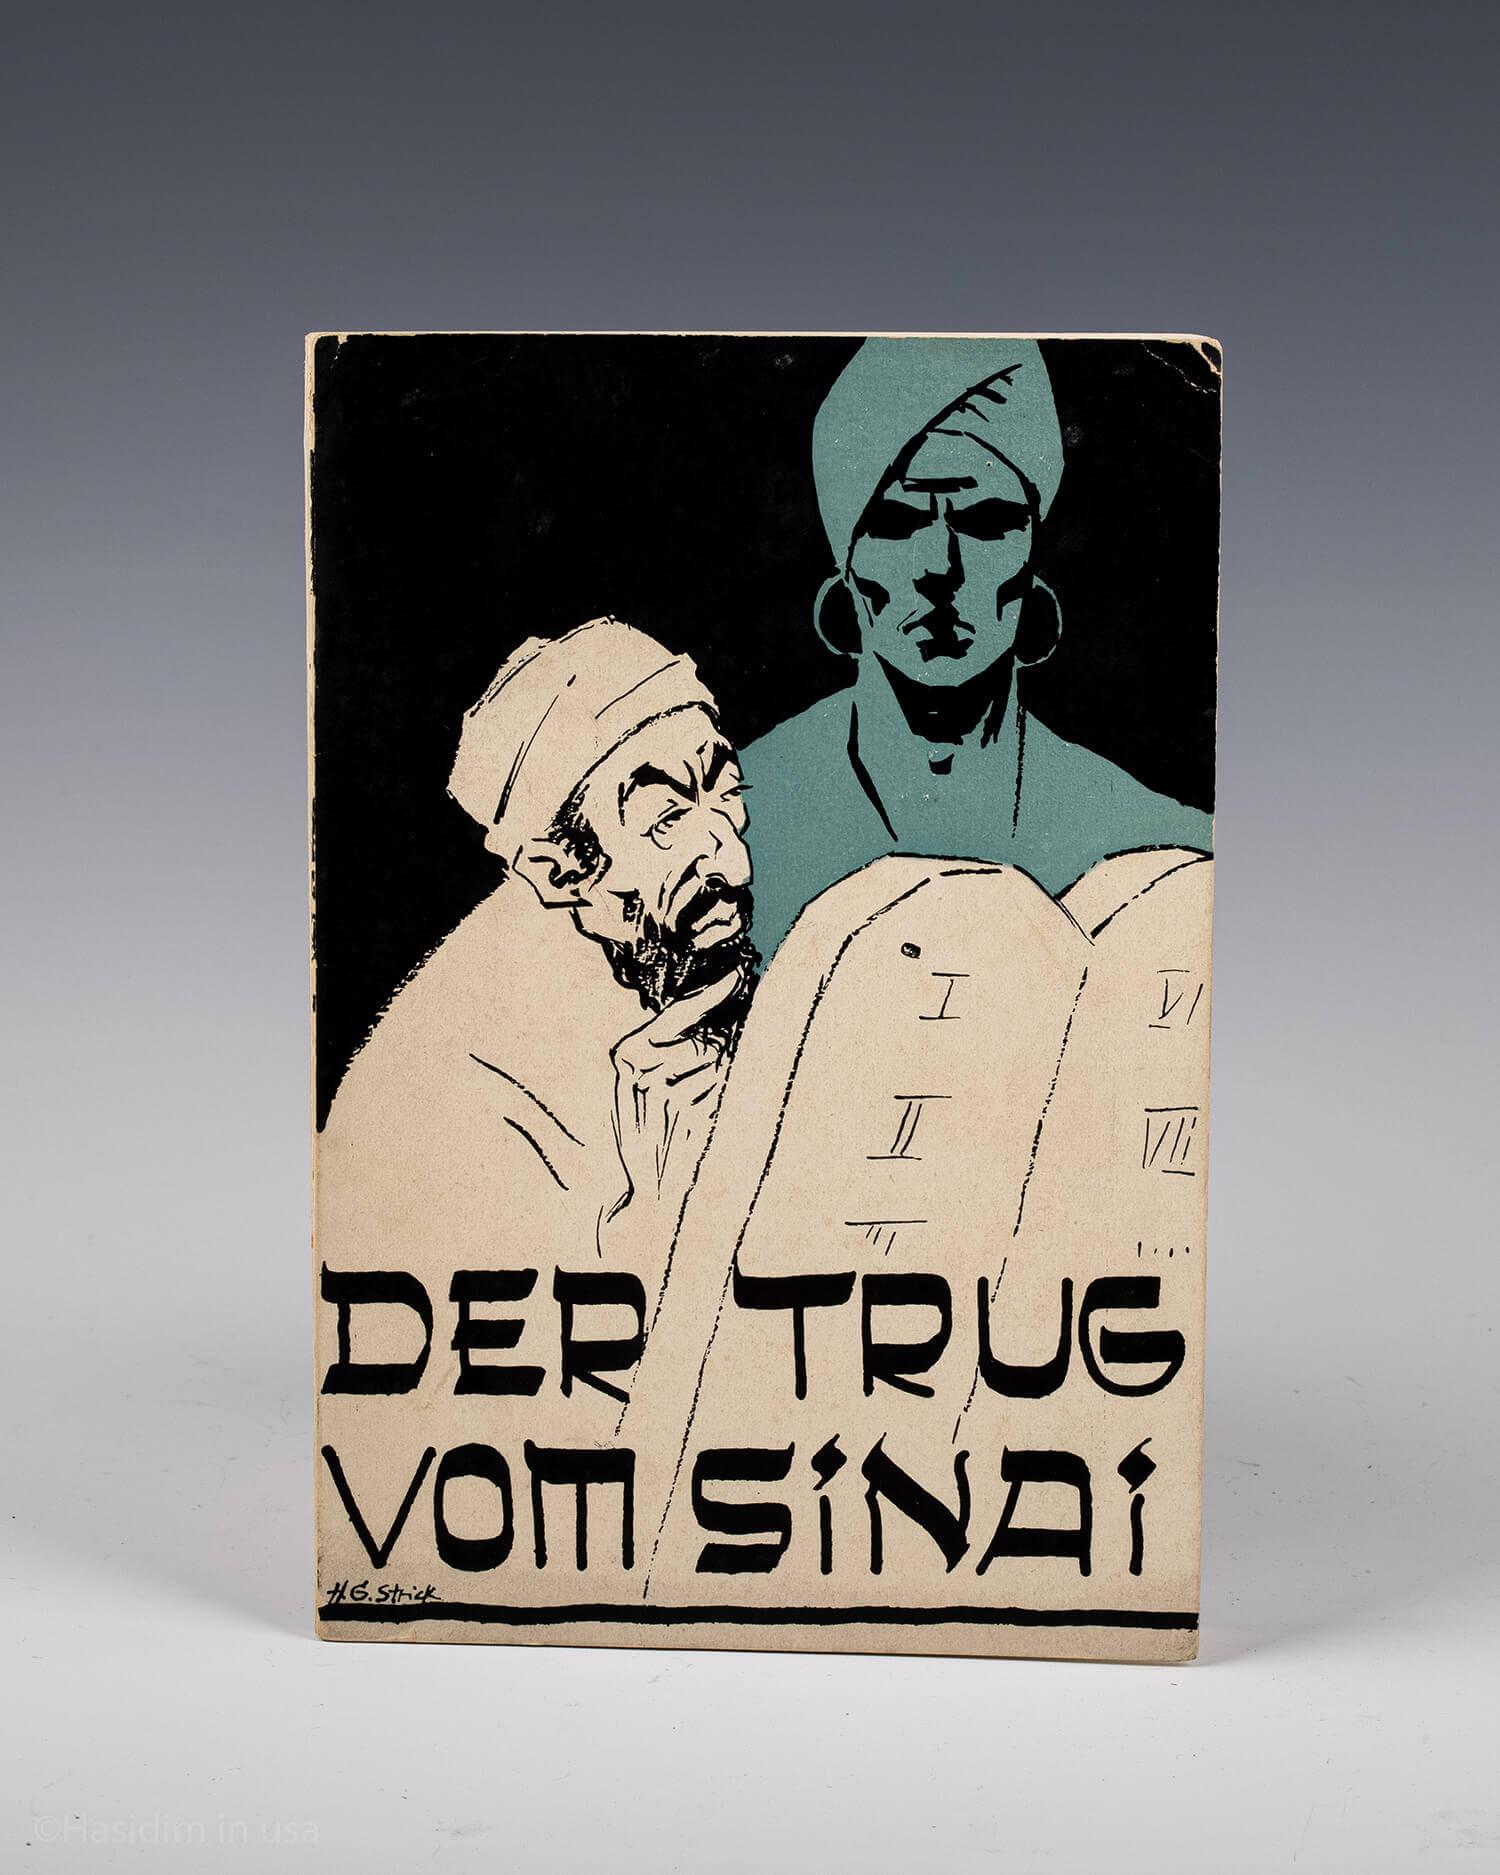 158. DER TRUG VOM SINAI/ THE DECEPTION OF SINAI BY ERNST SCHULTZ